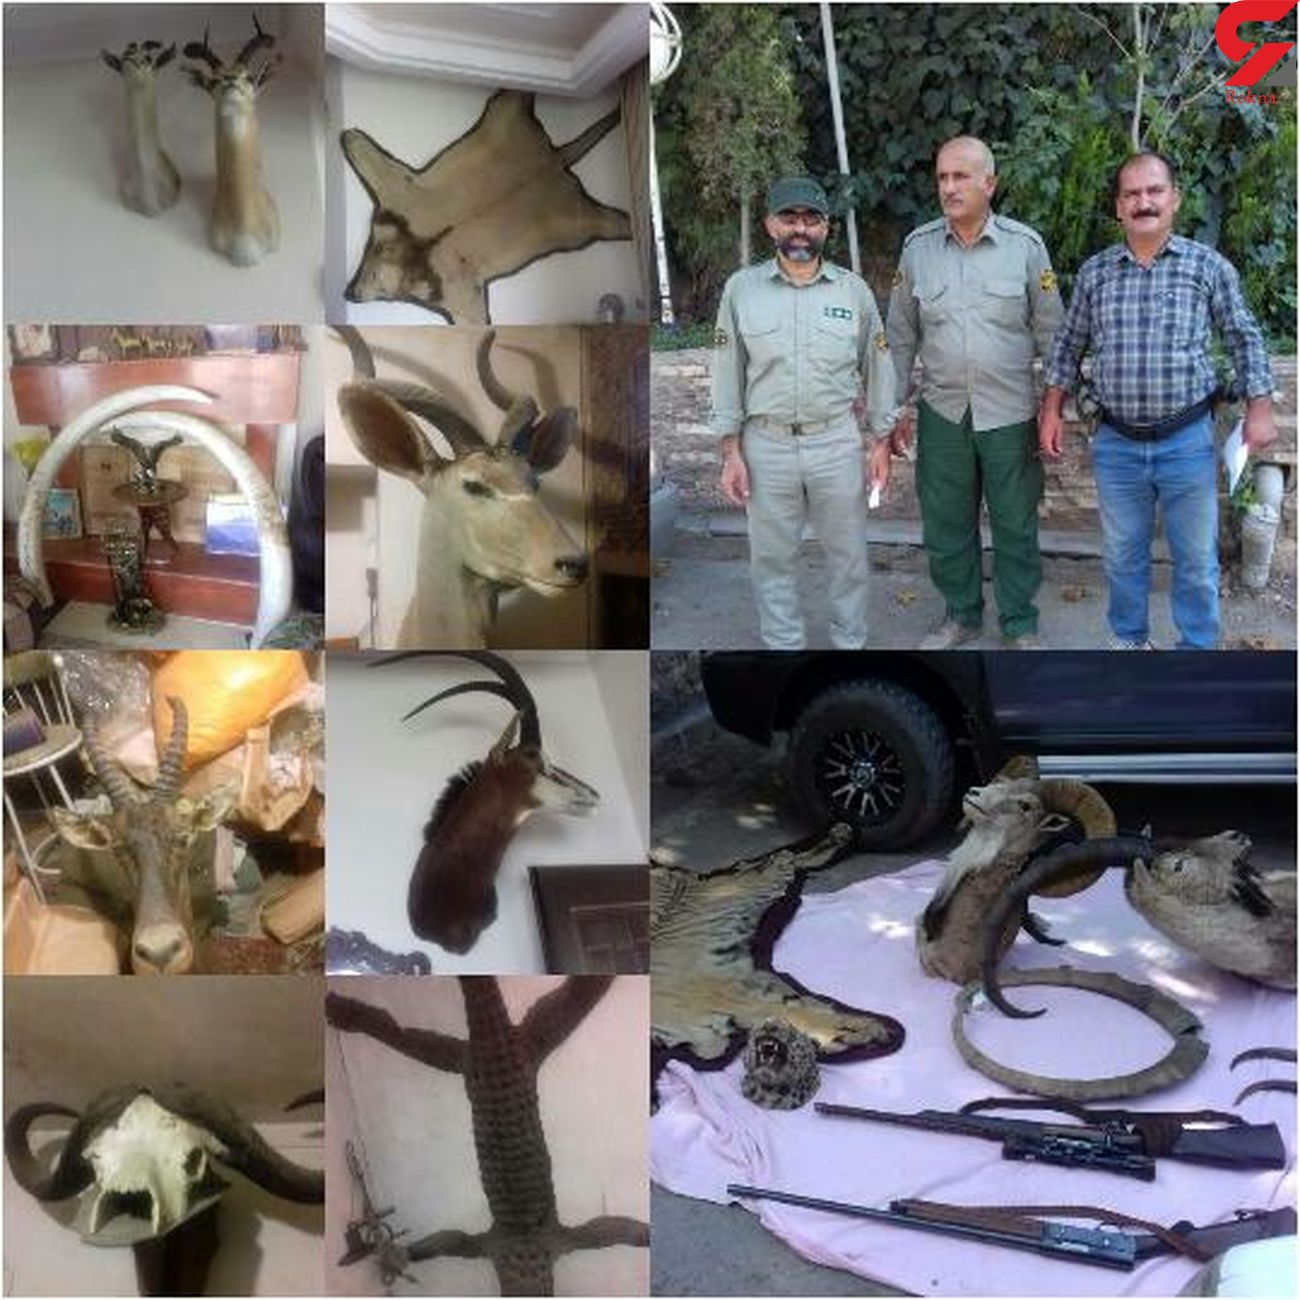 کشف سه تخته پوست حیوانات وحشی و 5 گونه تاکسیدرمی شده حیات وحش در آمل